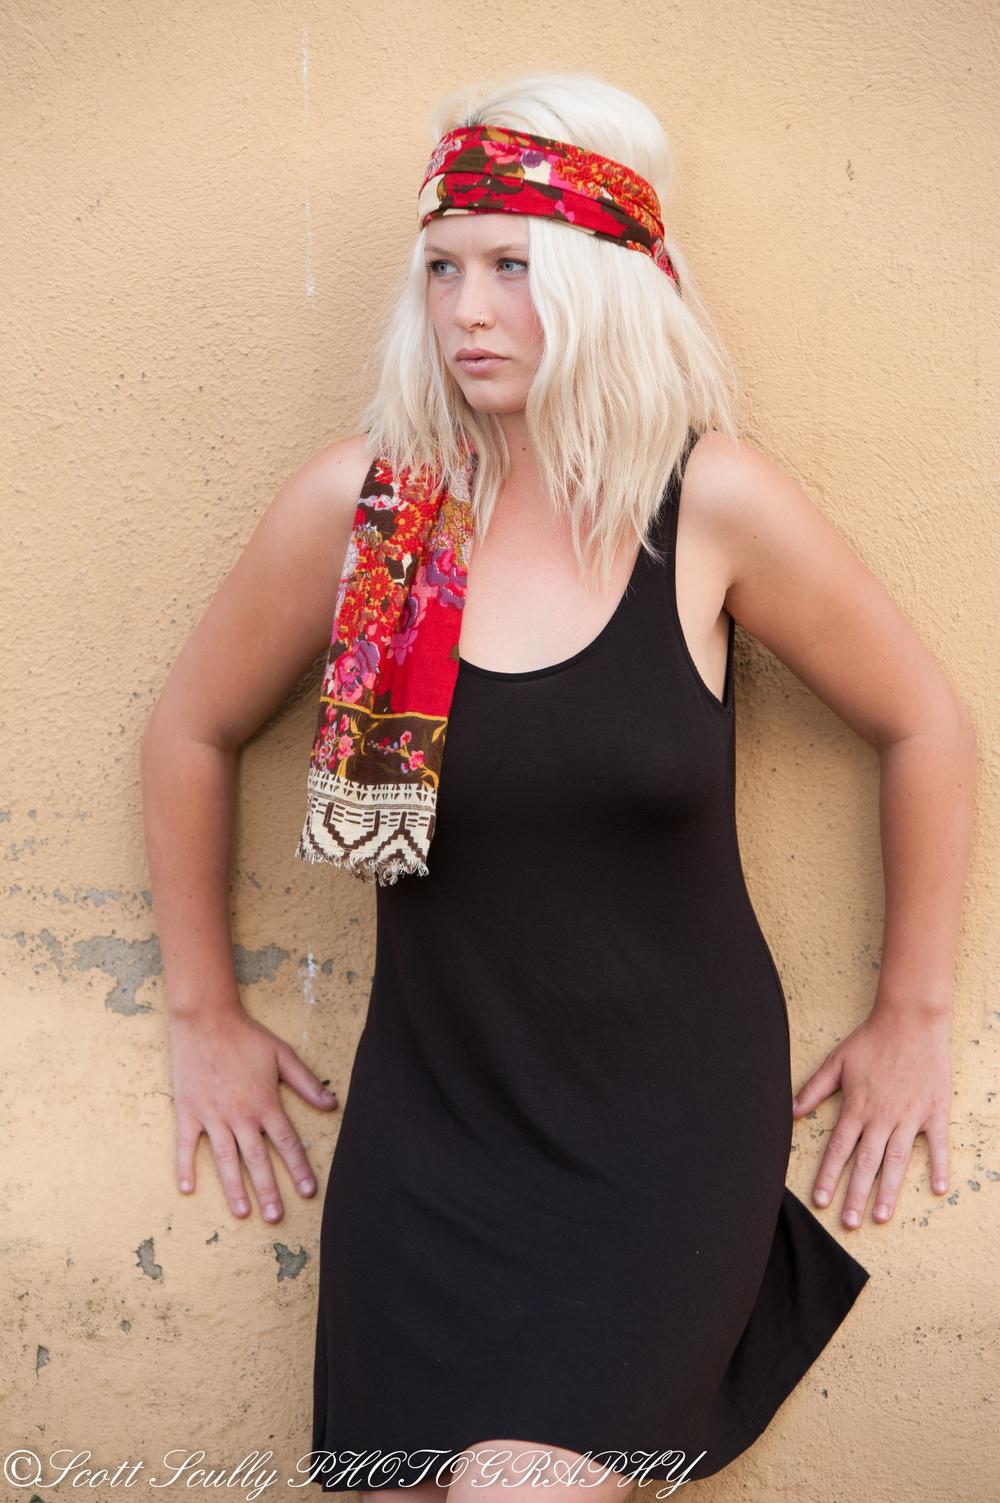 Scott Scully Photography Model: Poppy Bowyer Hogg